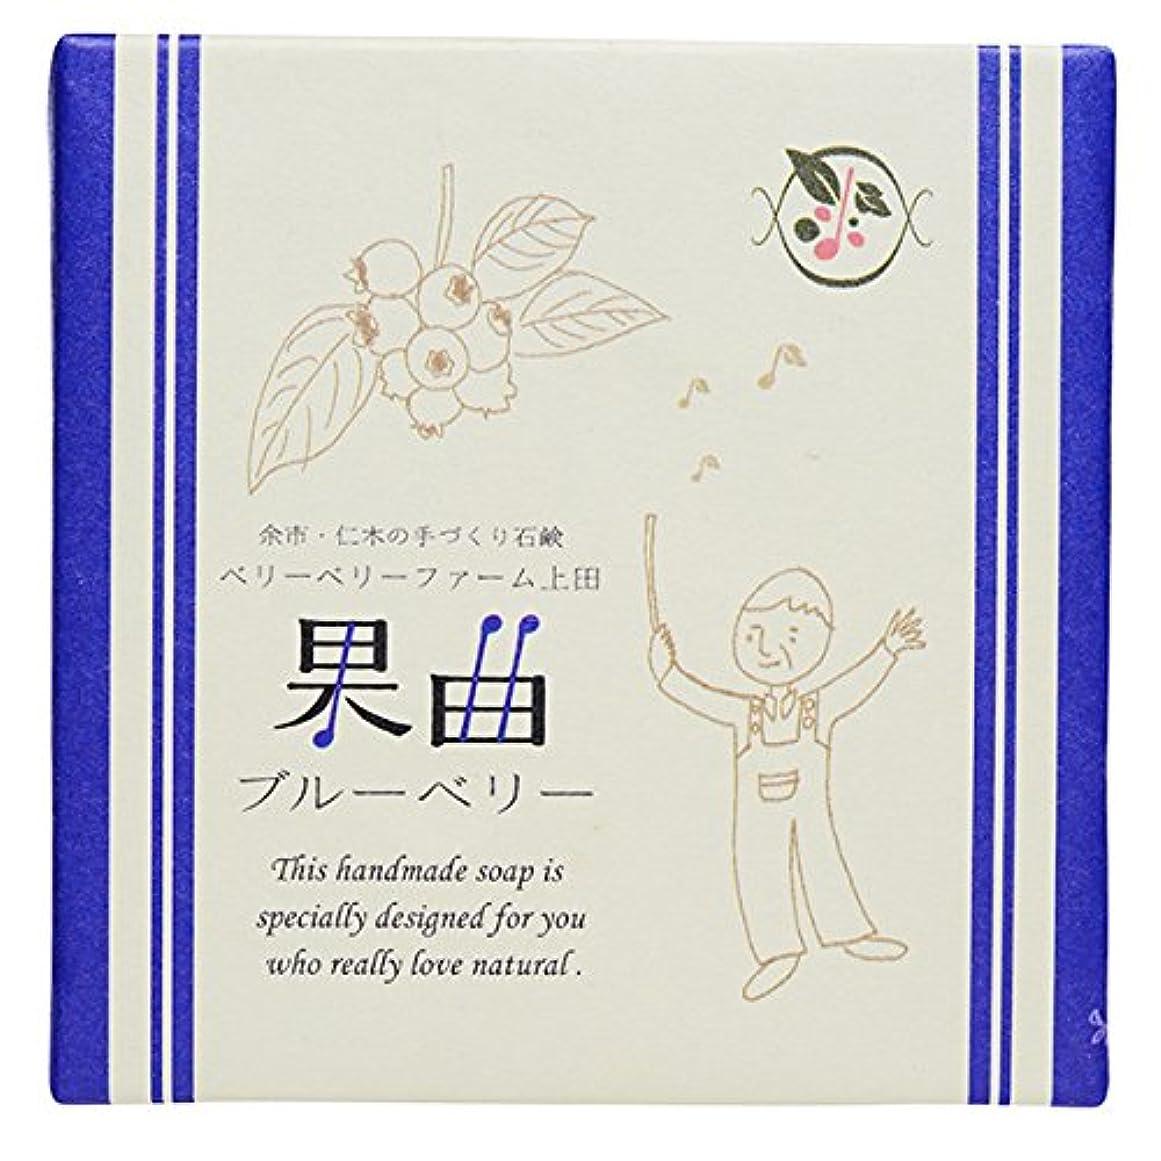 情熱暗殺者ビバ余市町仁木のベリーベリーファーム上田との共同開発 果曲(ブルーベリー)純練り石鹸